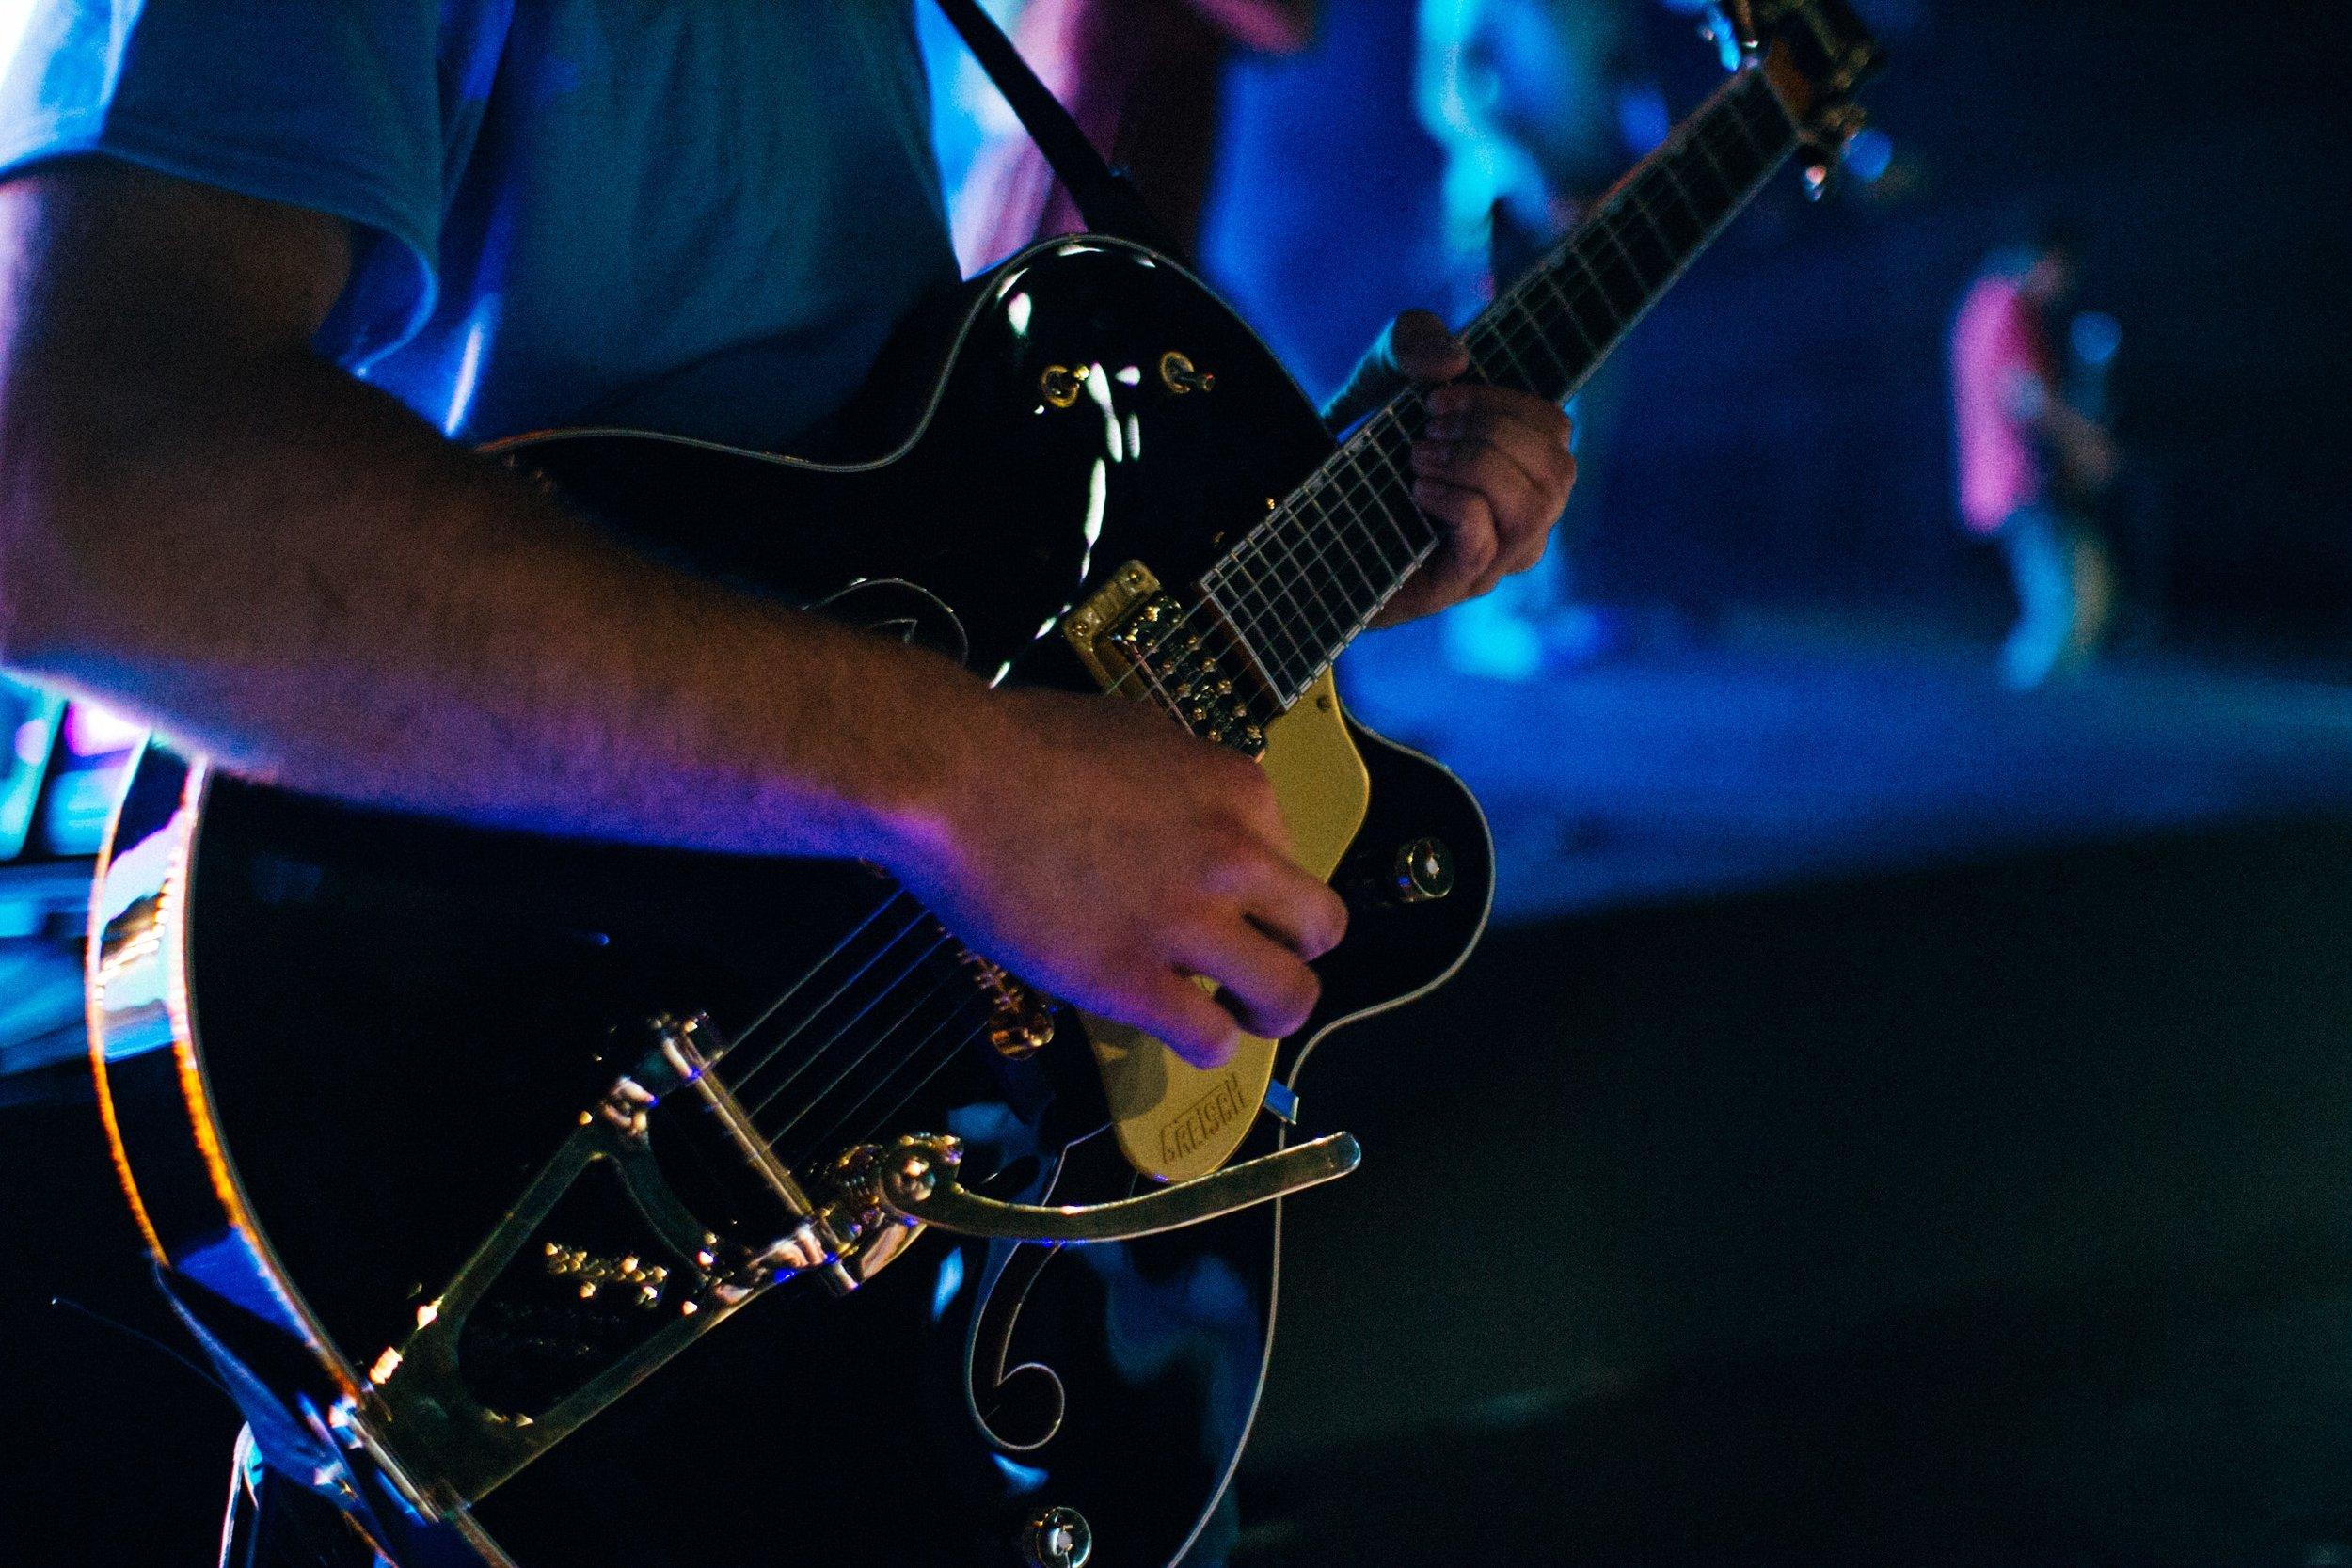 band-blur-casual-154130.jpg